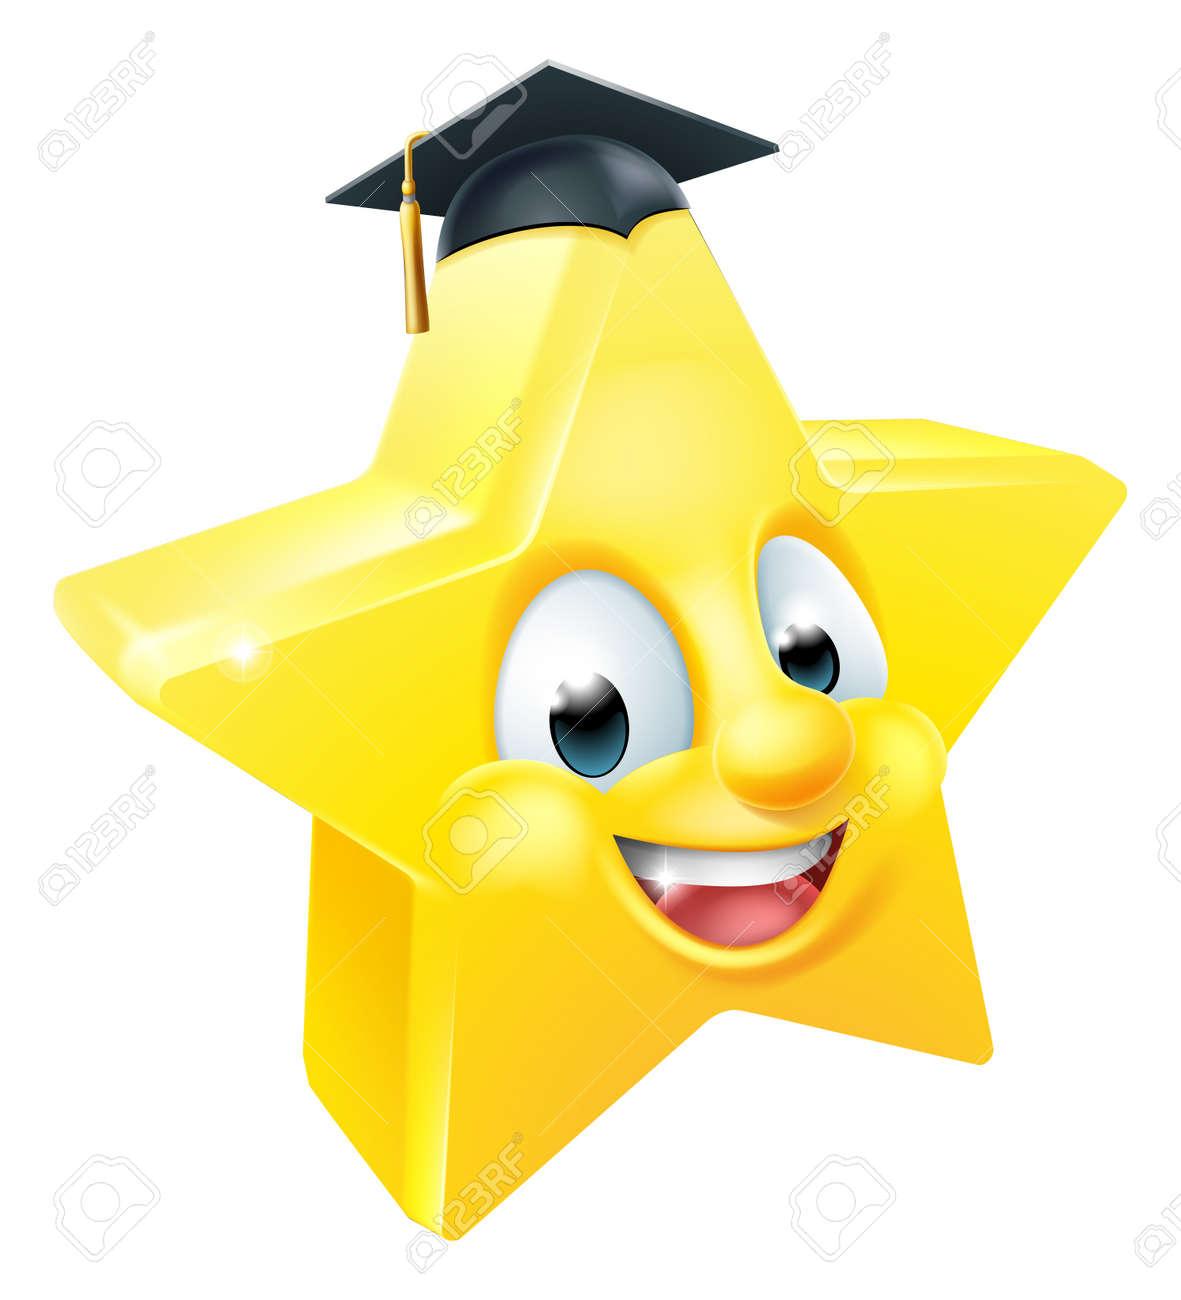 Estrella De Dibujos Animados Graduado Emoji Emoticon Carácter De La Mascota Con Un Sombrero De Graduación De Mortero De Junta